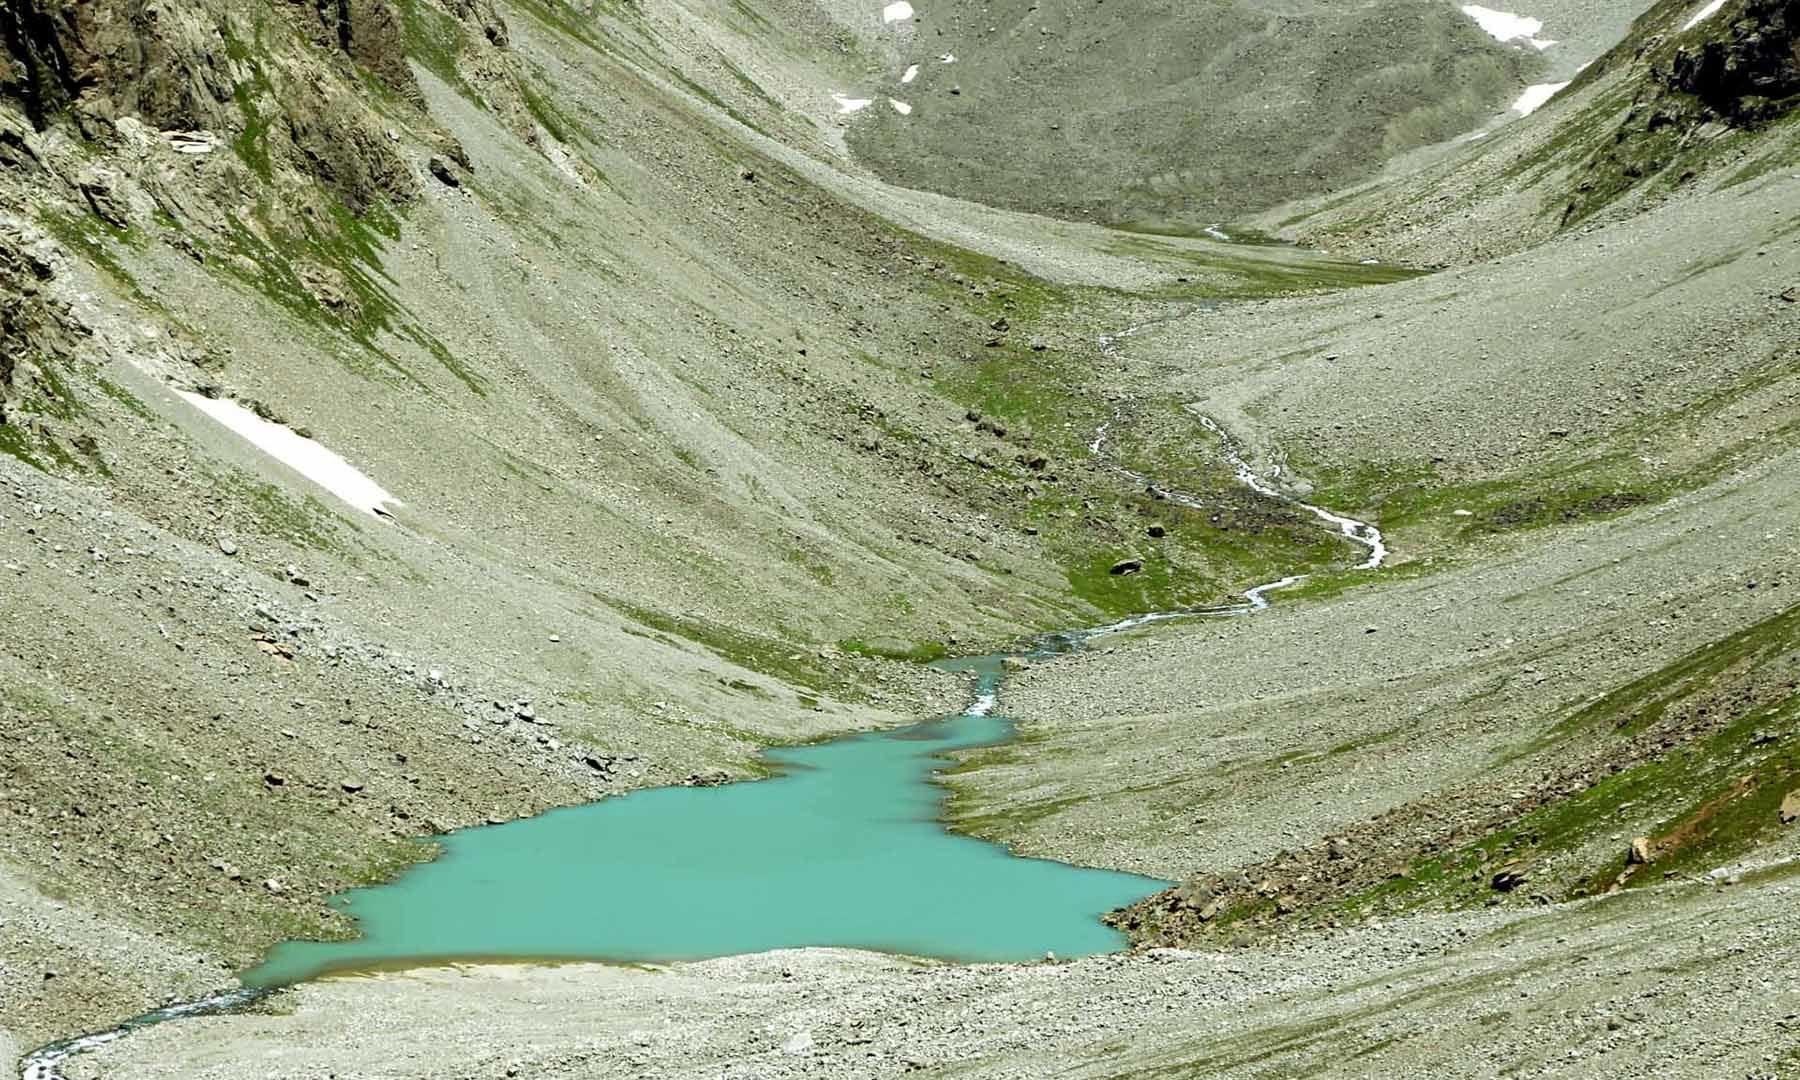 پہاڑ کی چوٹی سے نظر آنے والی ایک چھوٹی سی جھیل